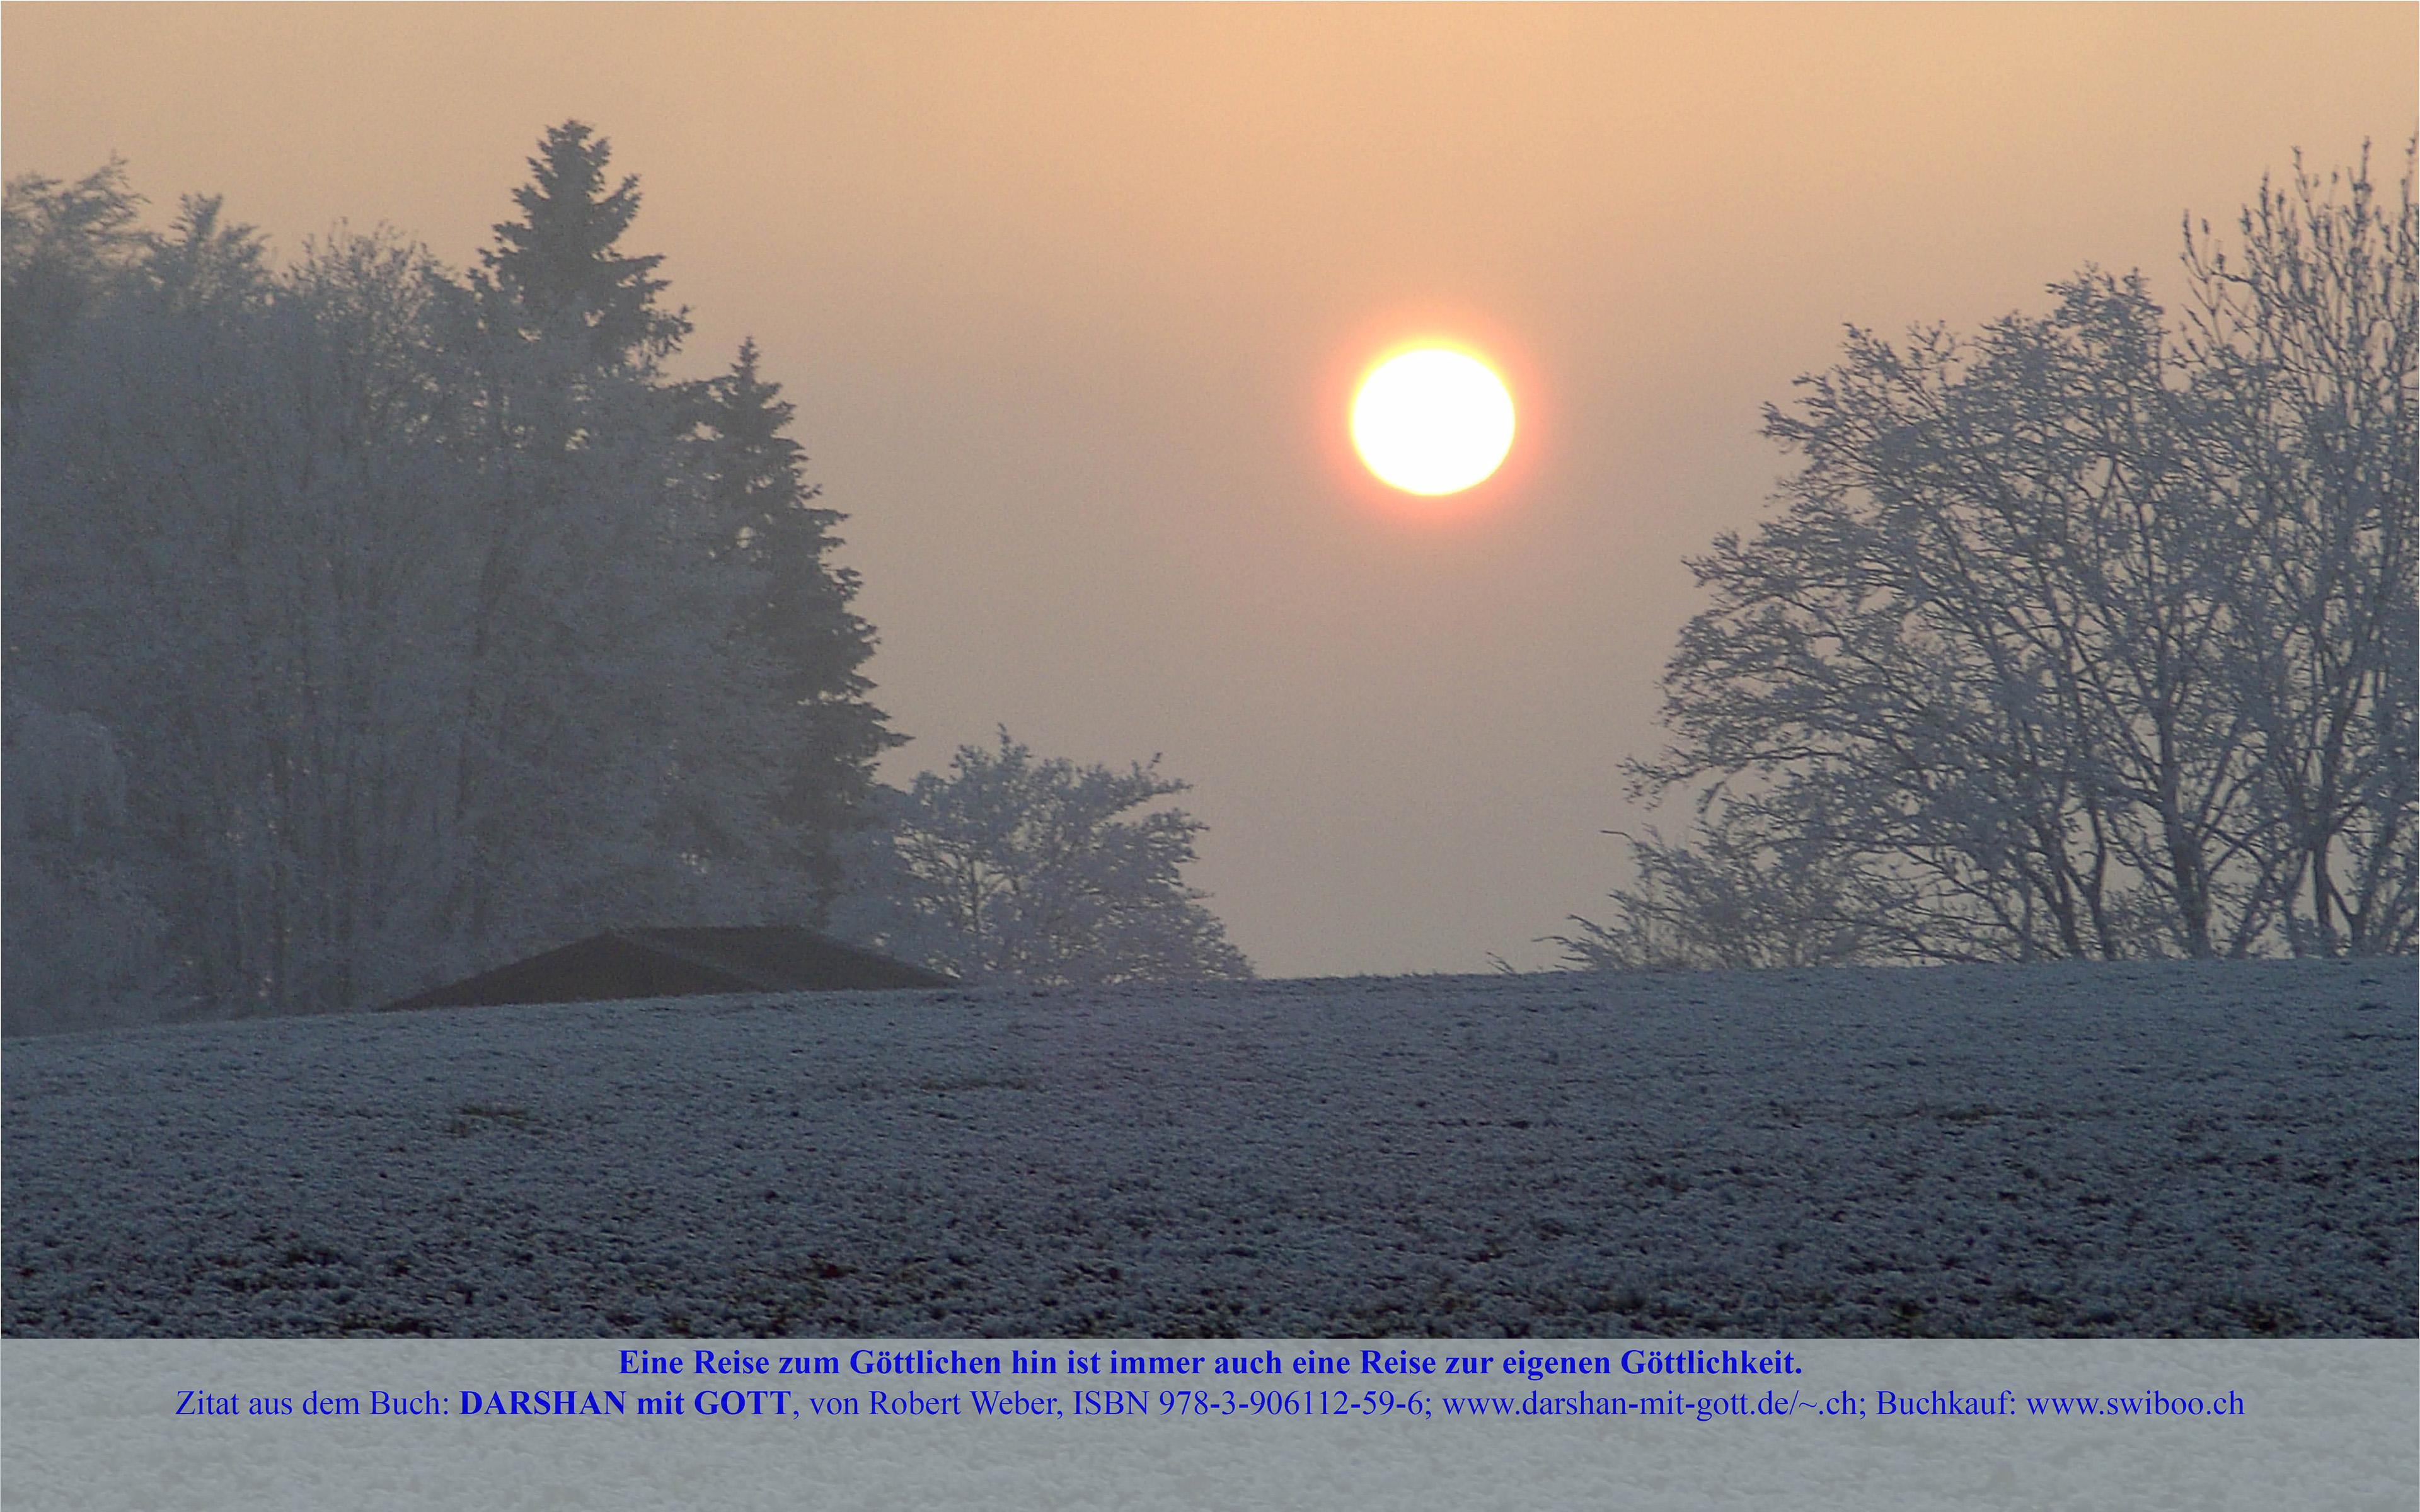 DARSHAN mit GOTT: Eine Reise zum Göttlichen ..., Winterlandschaft mit Sonne und Nebel